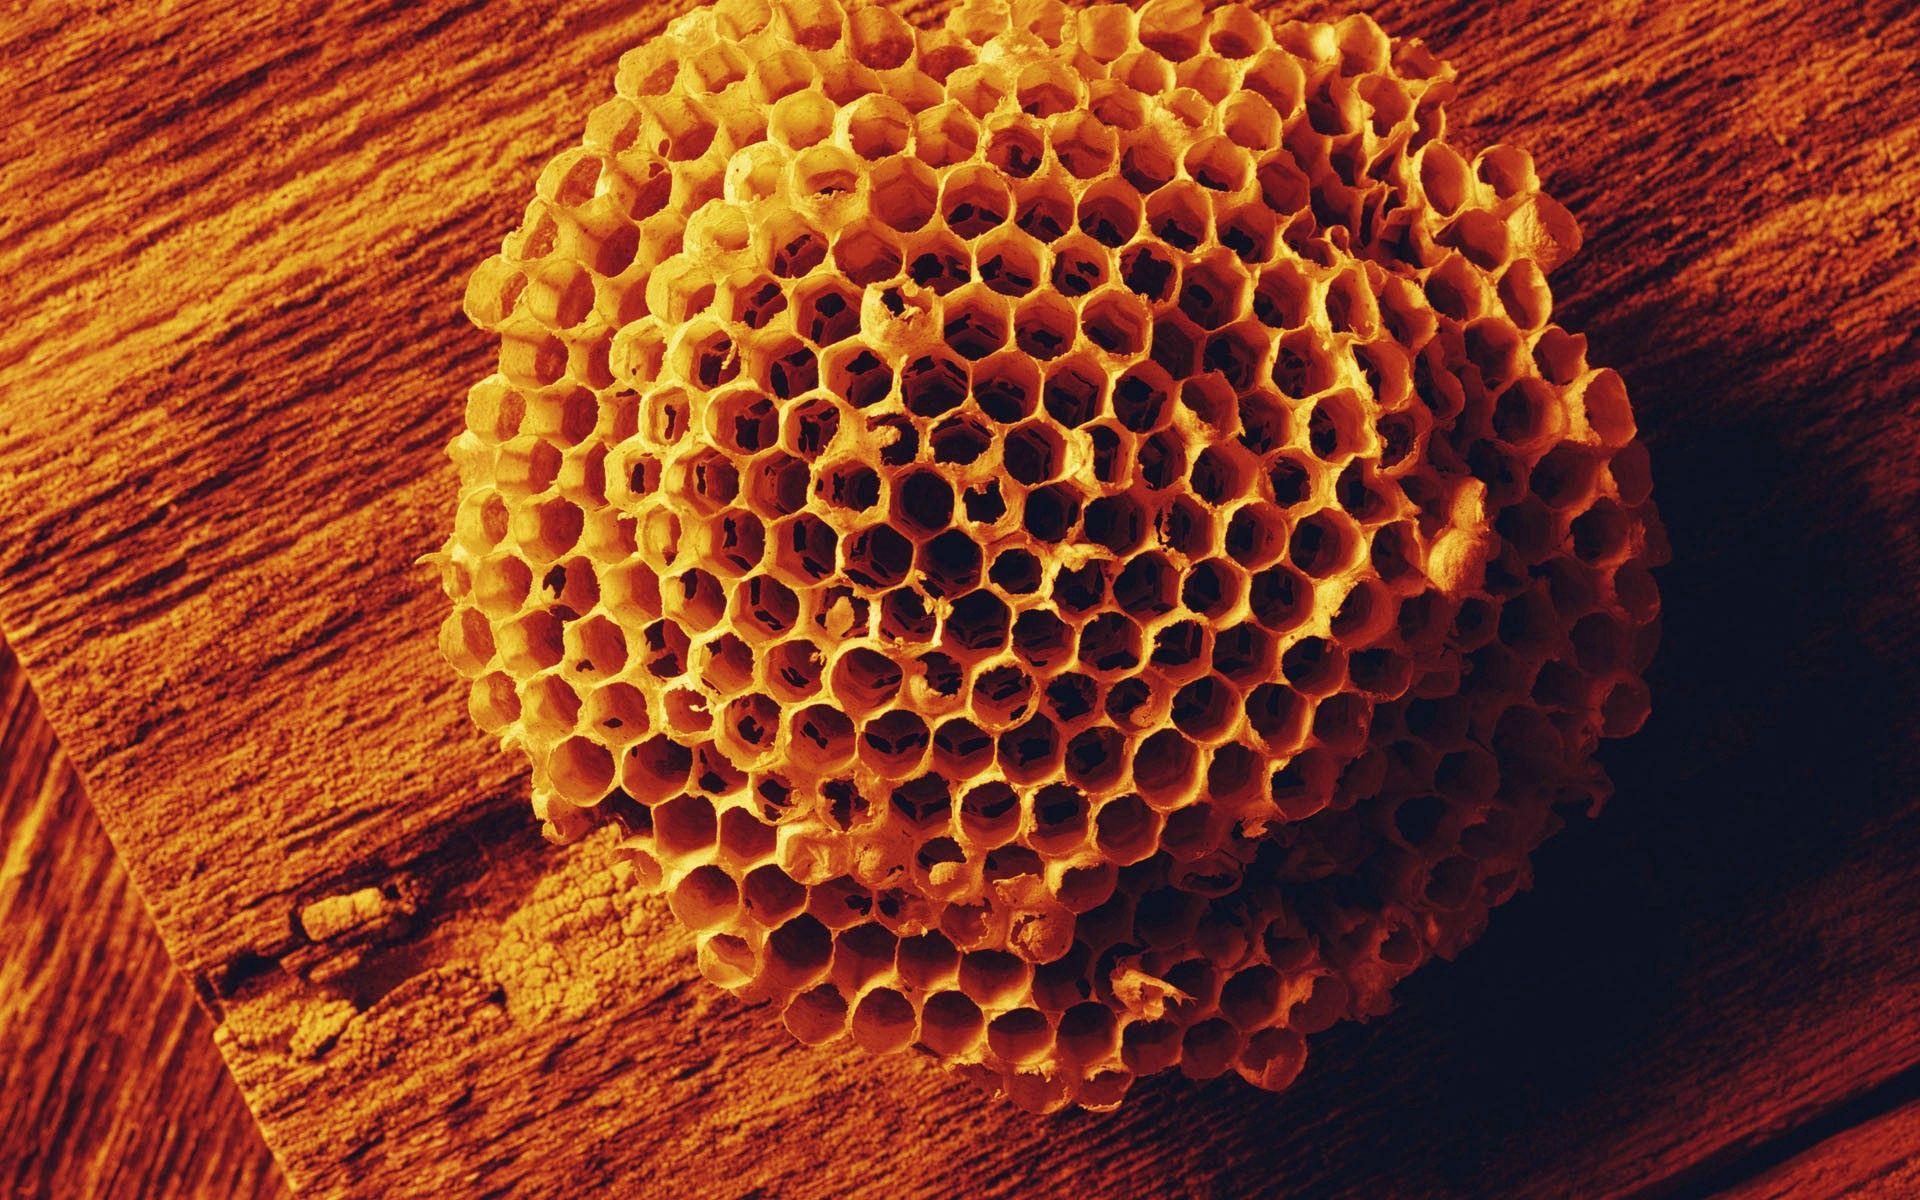 96421 Hintergrundbild herunterladen Bienen, Verschiedenes, Sonstige, Oberfläche, Die Form, Form, Honig, Bienenwabe, Waben - Bildschirmschoner und Bilder kostenlos